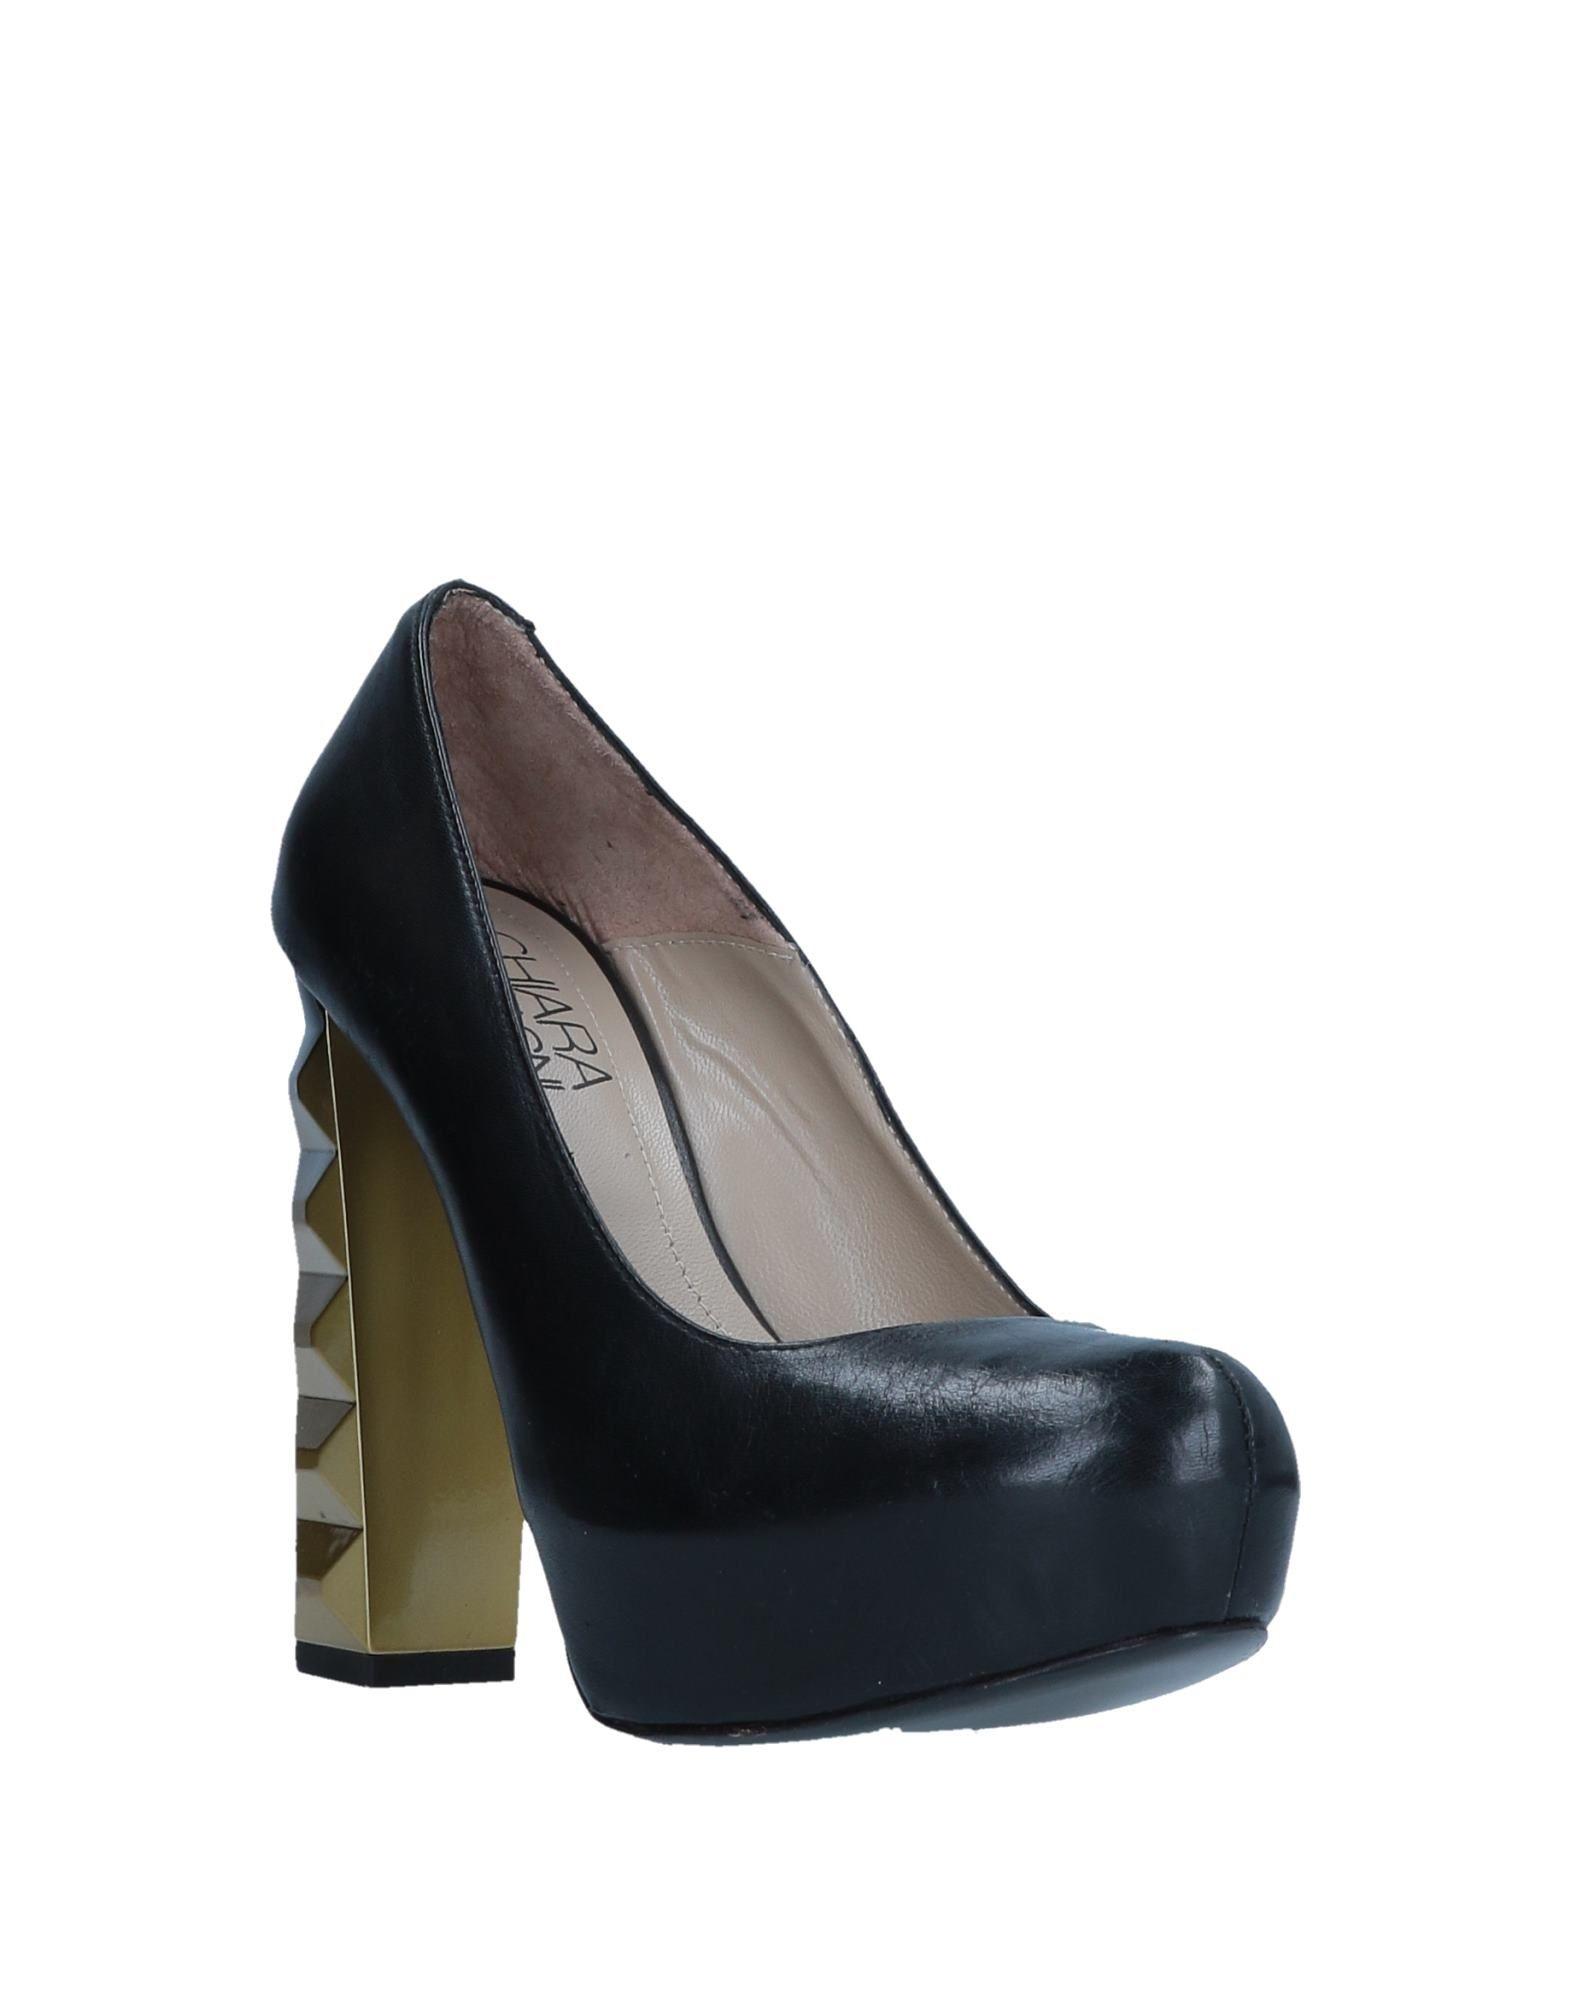 Rabatt Ferragni Schuhe Chiara Ferragni Rabatt Pumps Damen  11555204UI 072385